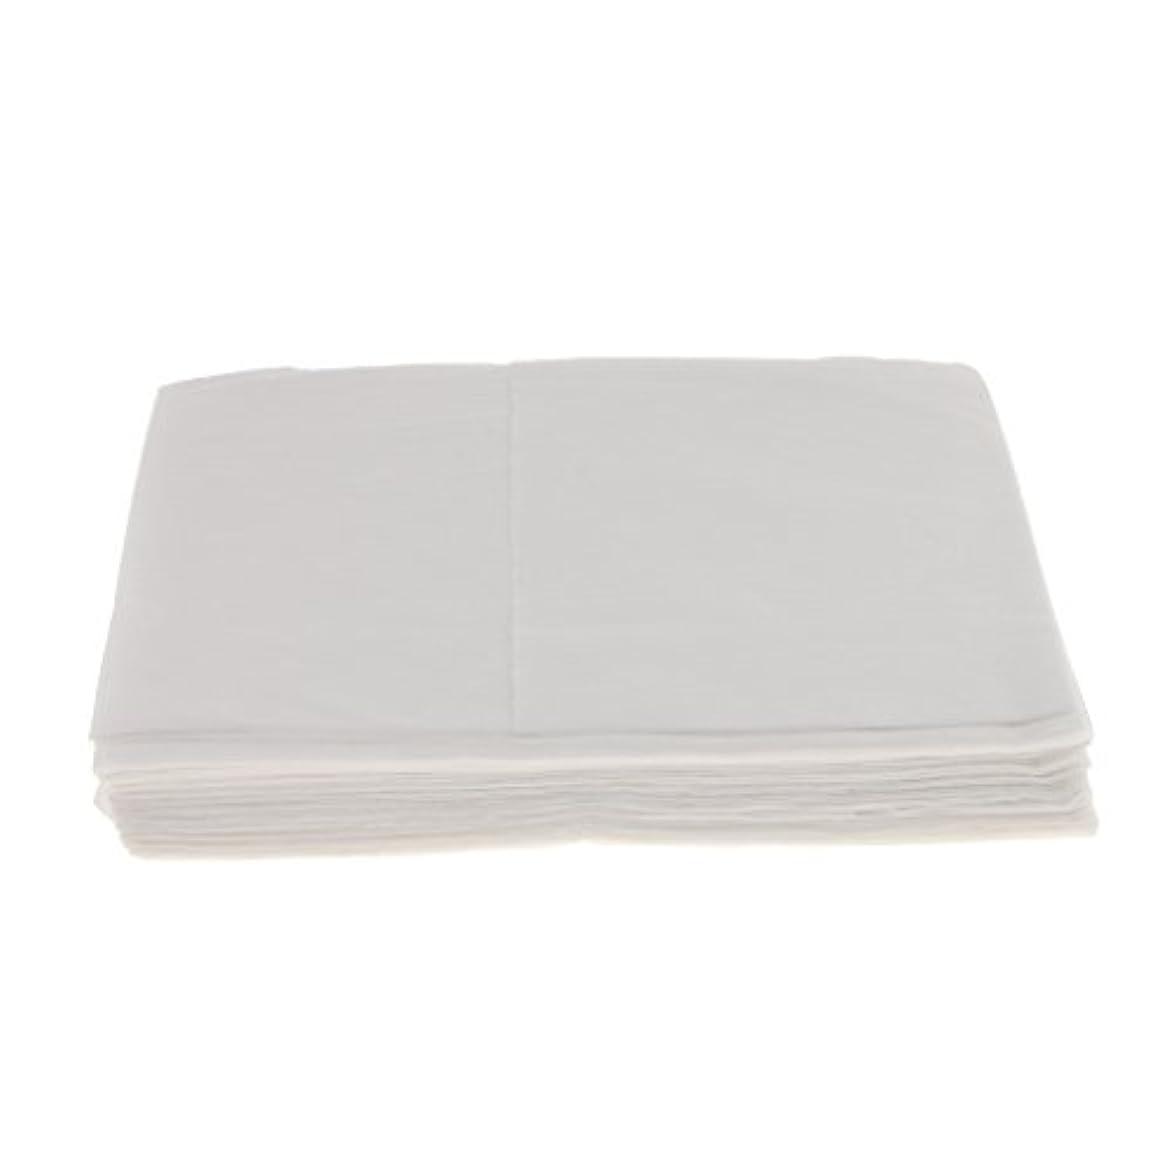 ティーム浜辺更新する10枚 使い捨て ベッドシーツ サロン ホテル ベッドパッド カバー シート 2色選べ - 白